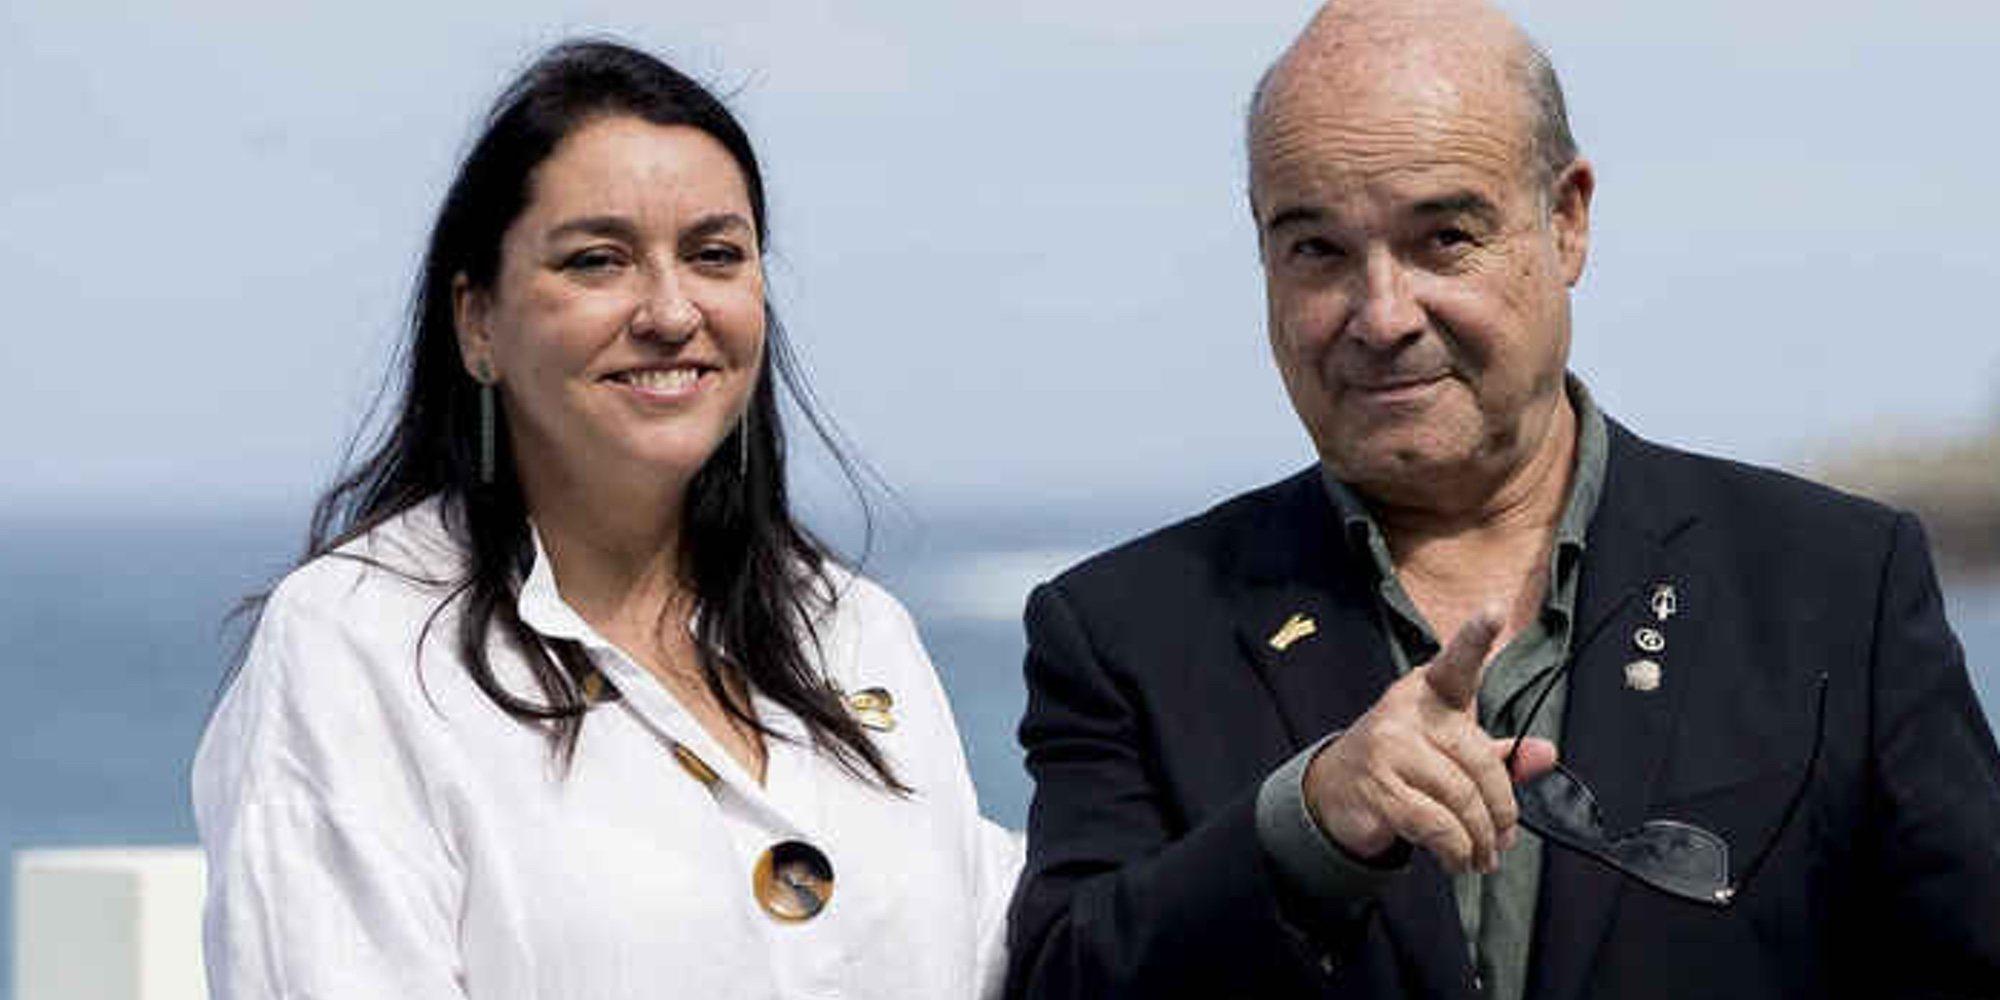 Antonio Resines y Ana Pérez-Lorente se han casado tras treinta años juntos